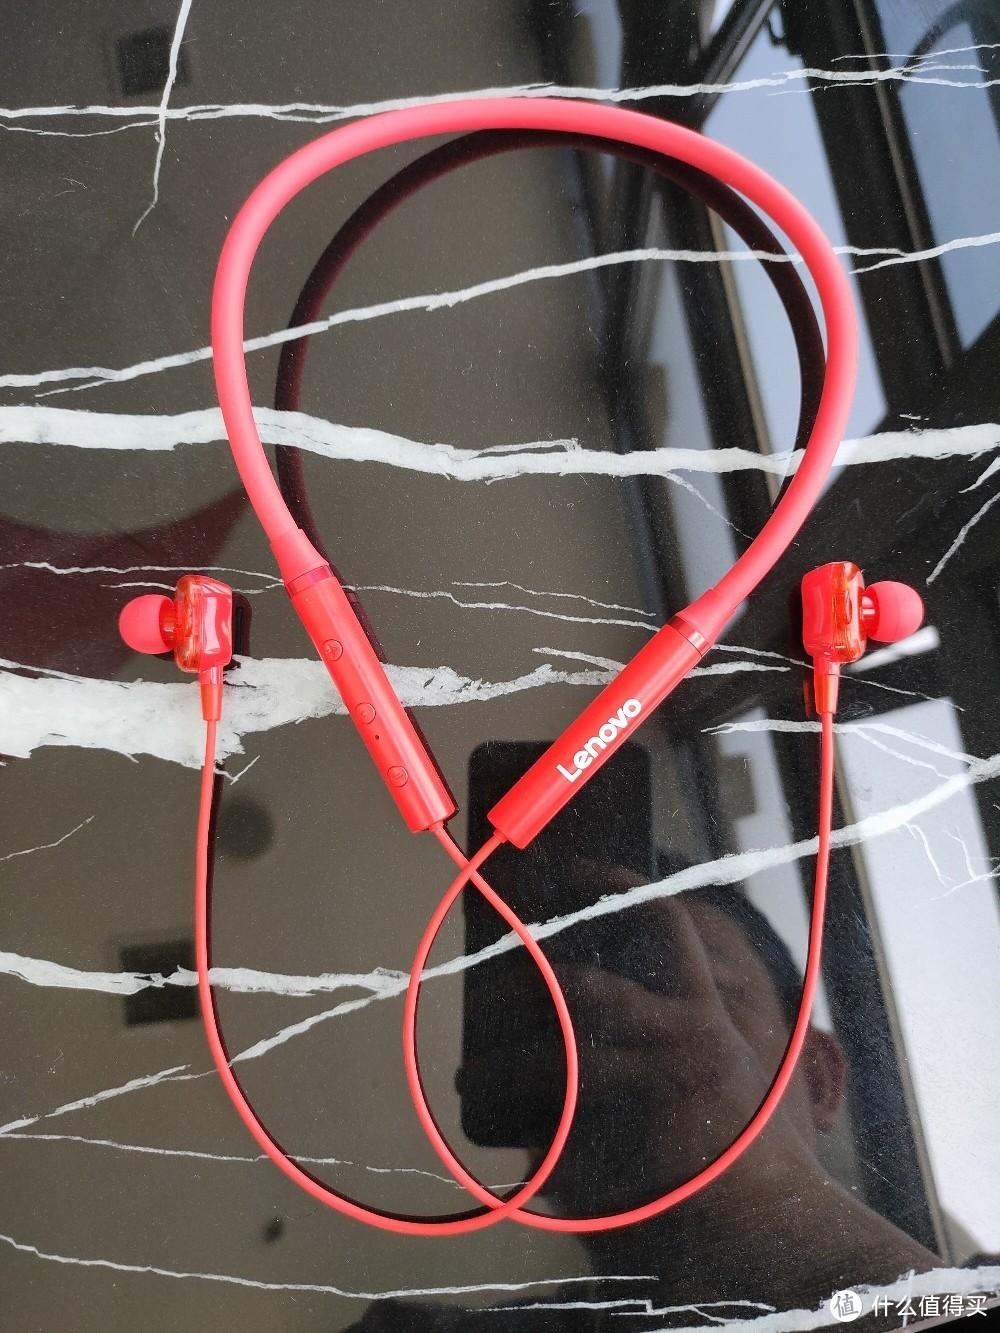 29.9米的联想HE05耳机开箱到底香不香,真人兽开箱